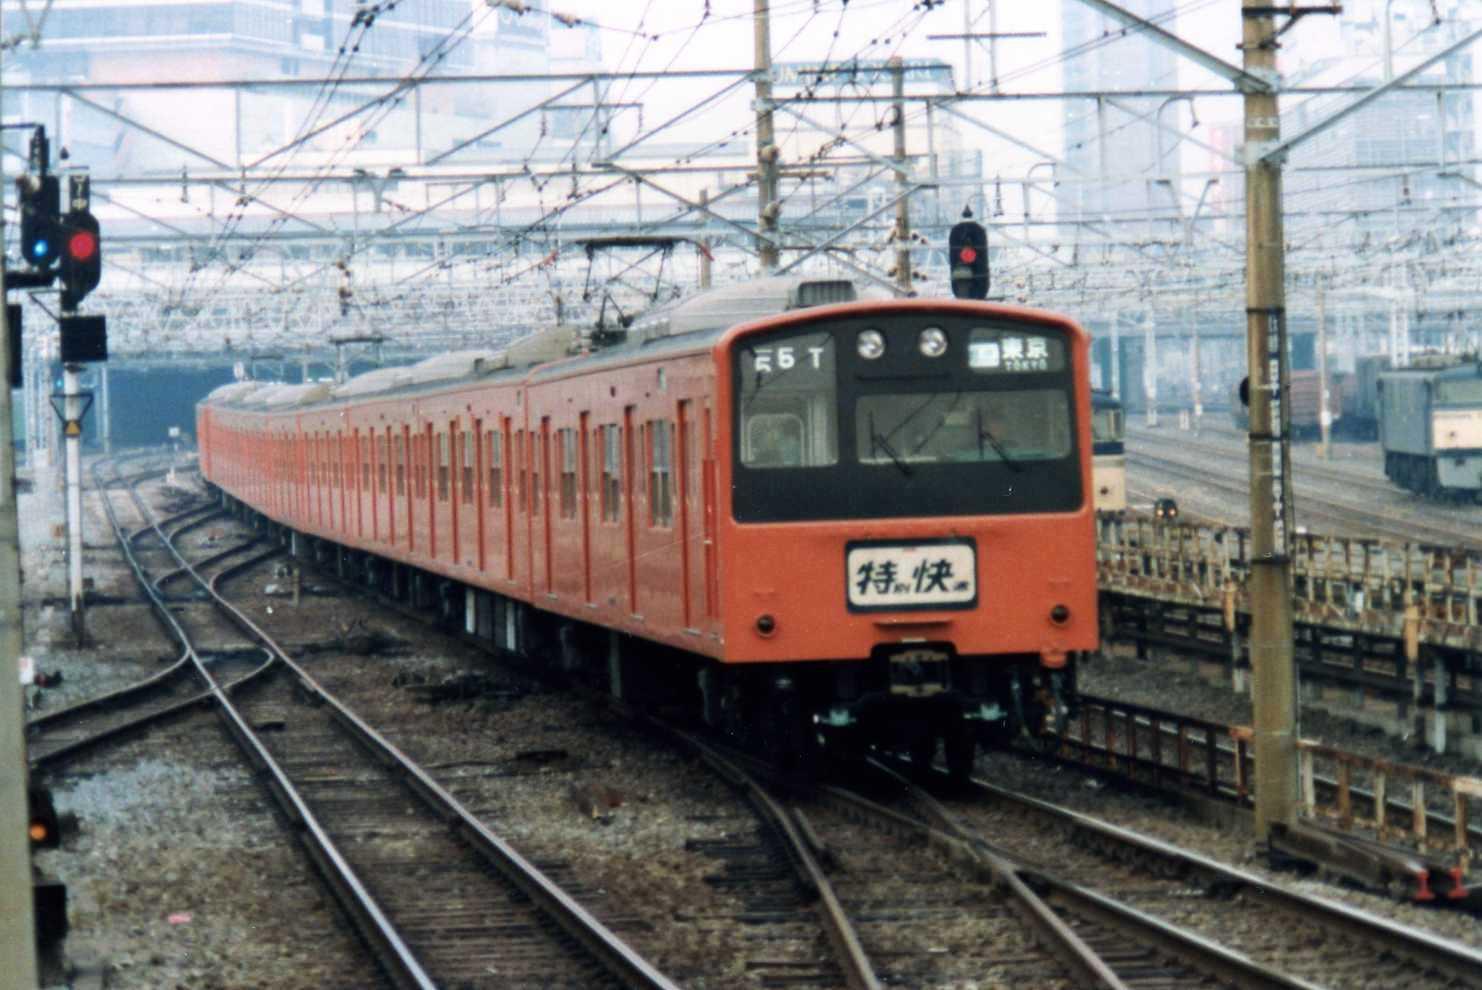 風来狐の鉄道雑記また今日は201系に乗りました。+知人の方に貸して頂いた写真(201系)                 風来狐